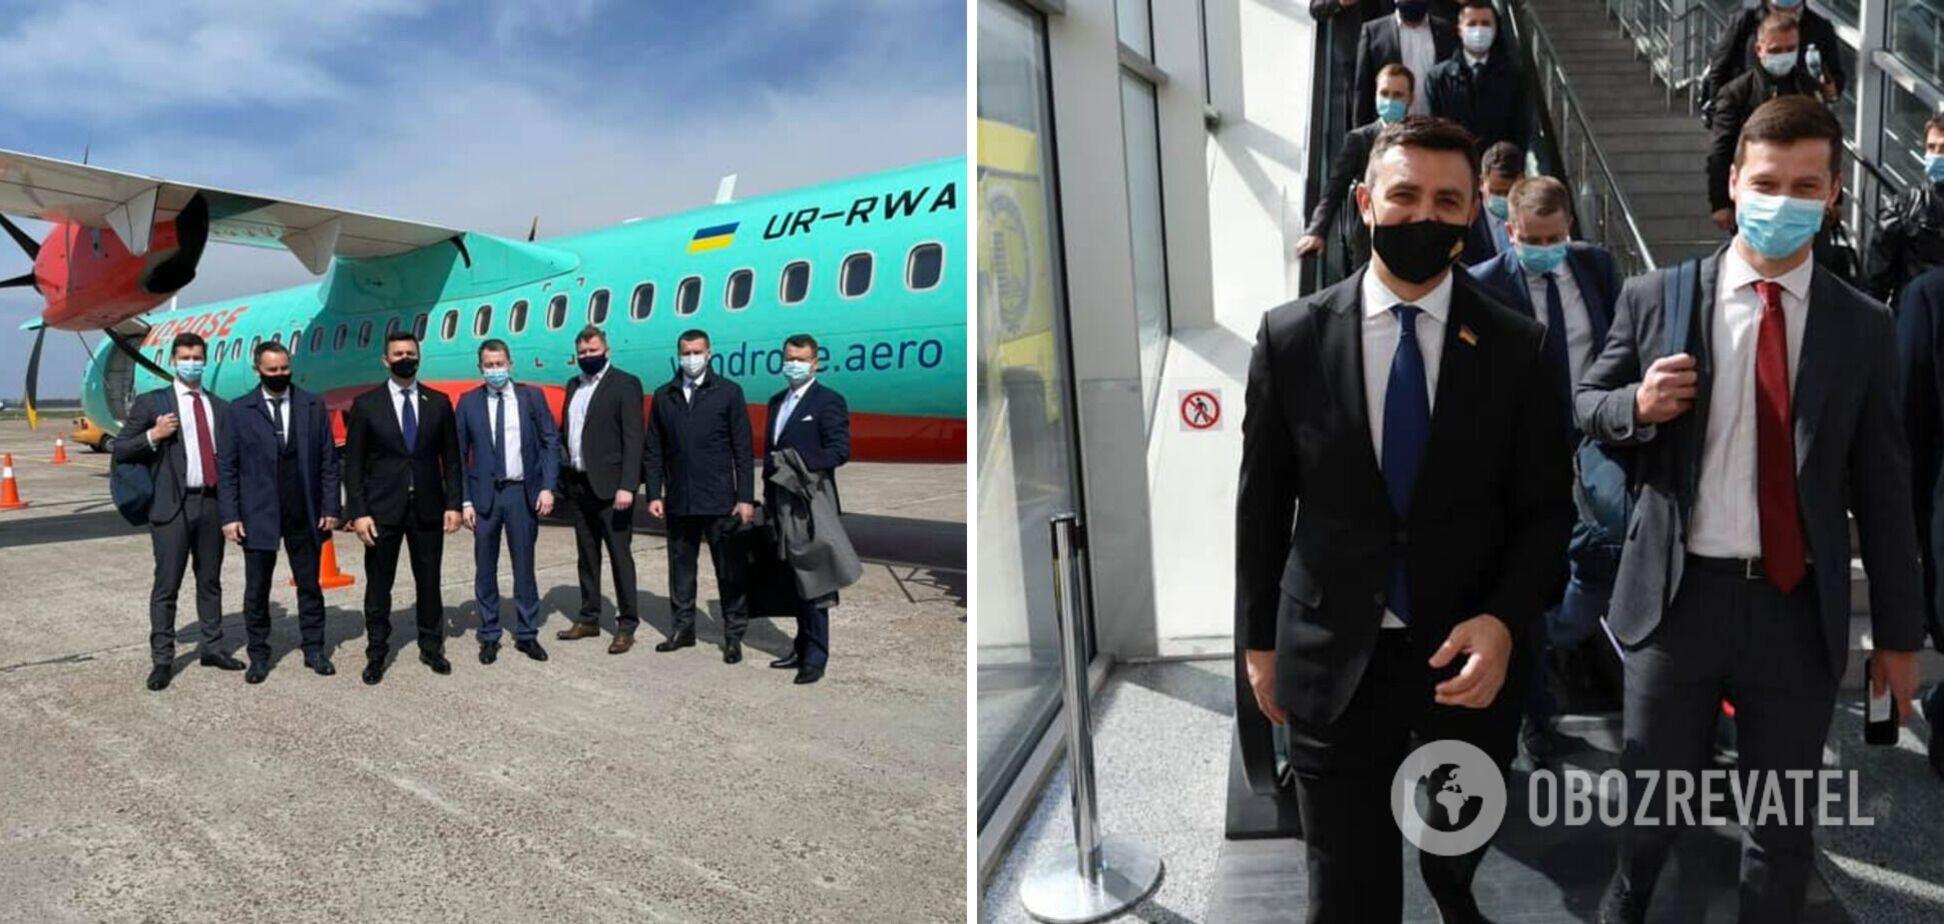 Тищенко вылетел в Ужгород на первом за 15 лет самолете из Киева, но пришлось добираться поездом. Фото и видео